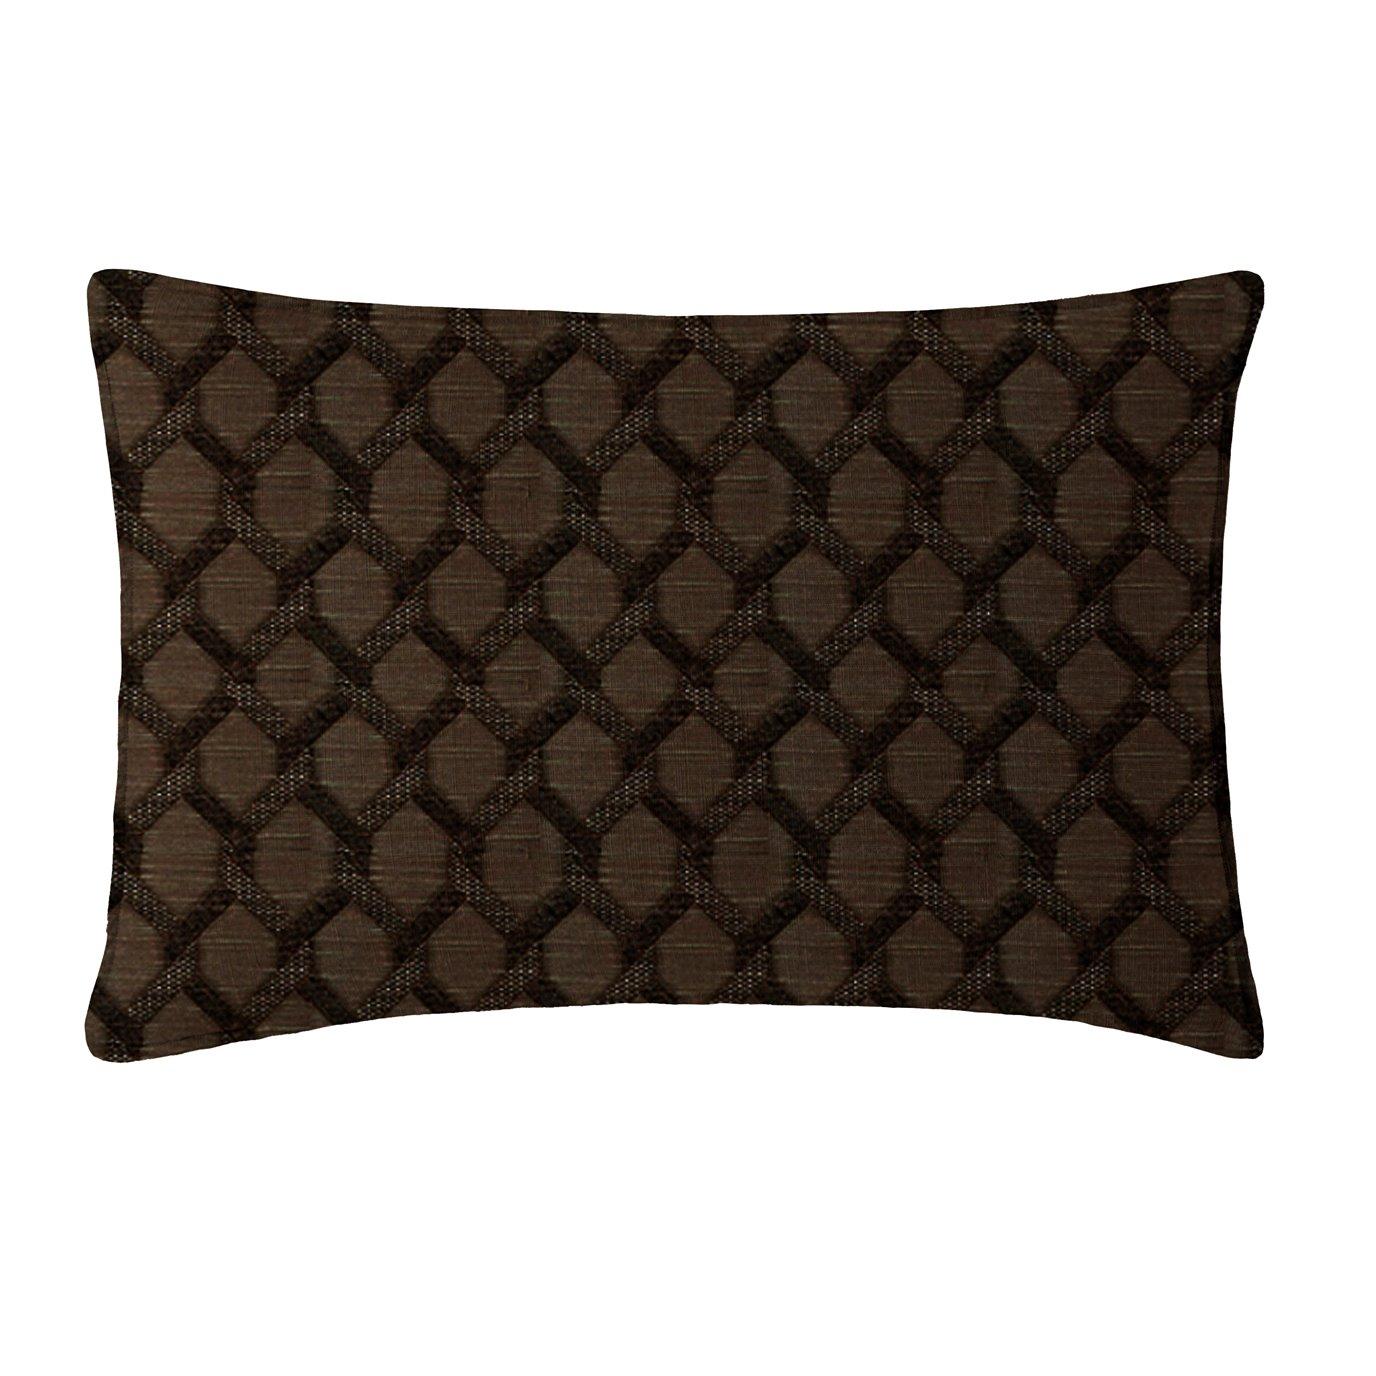 Malden Chocolate Pillow Sham Standard/Queen